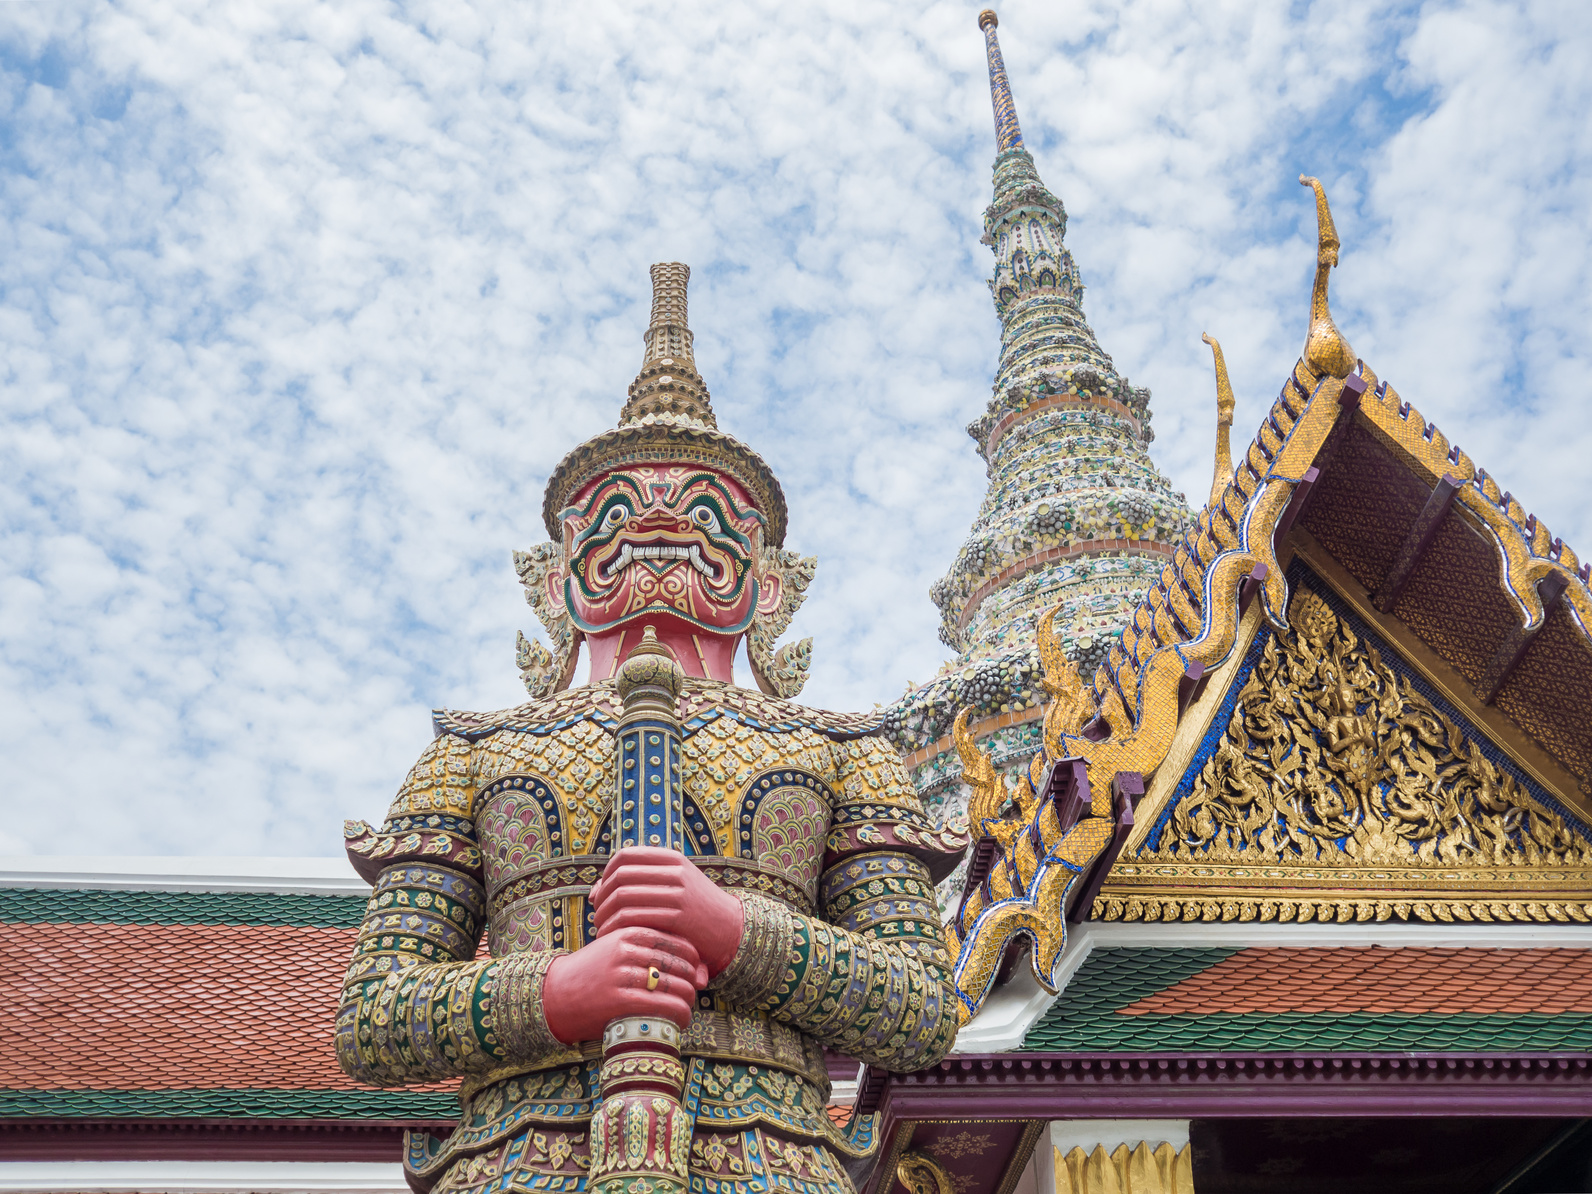 【関空発】7~9月出発限定!タイ国際航空直行便で行くバンコク4・5日【ネットバーゲン】